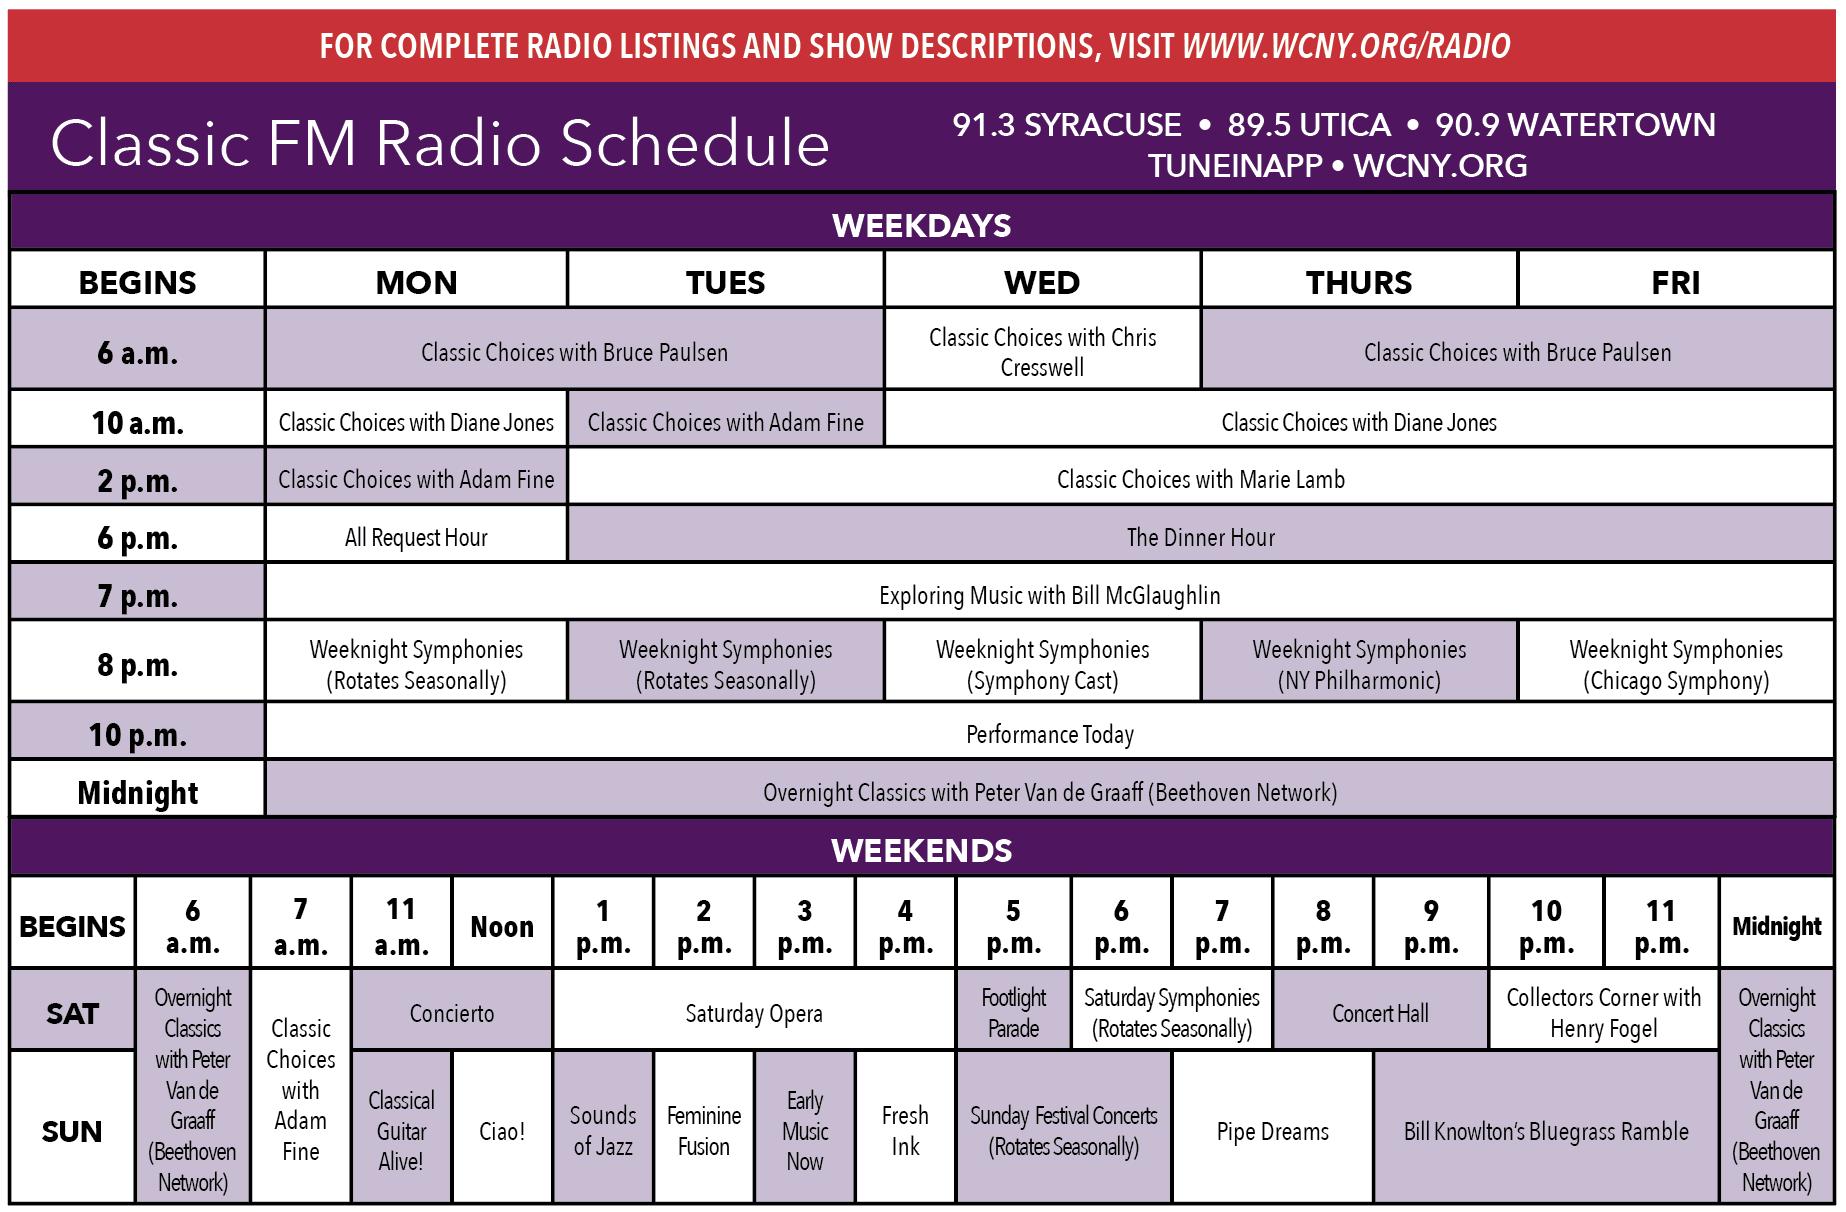 fm_radio_schedule